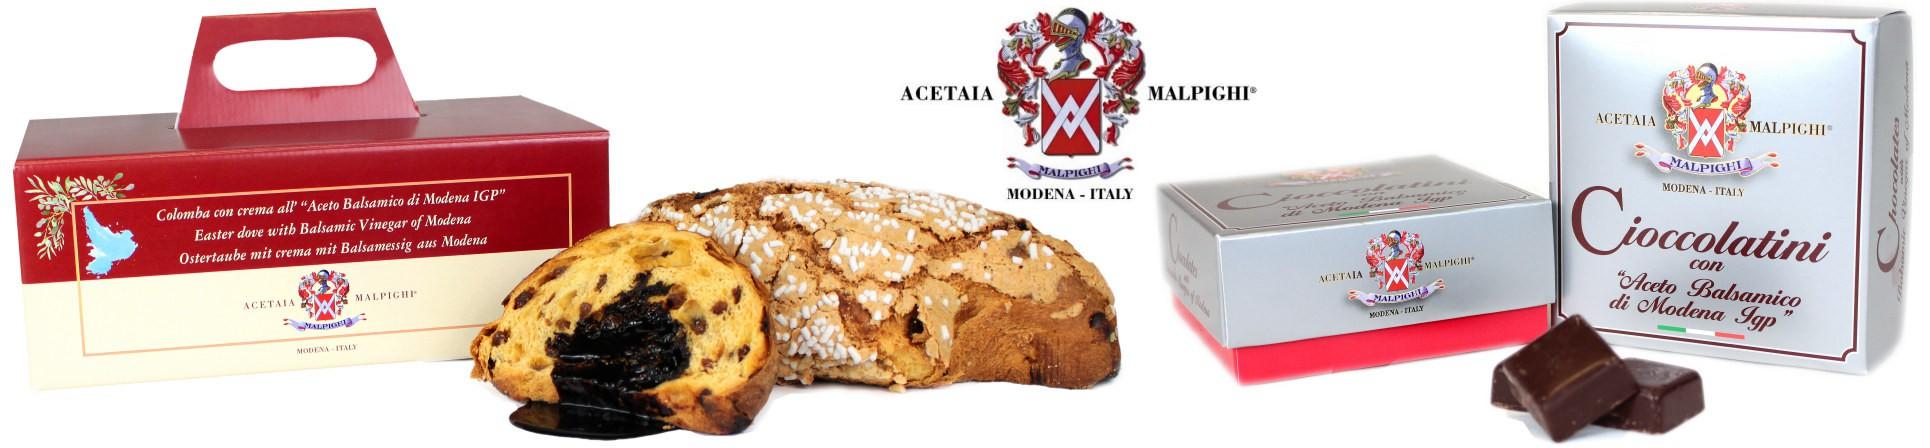 vendita online Colomba Pasquale all'Aceto Balsamico acquista online - ACETAIA MALPIGHI